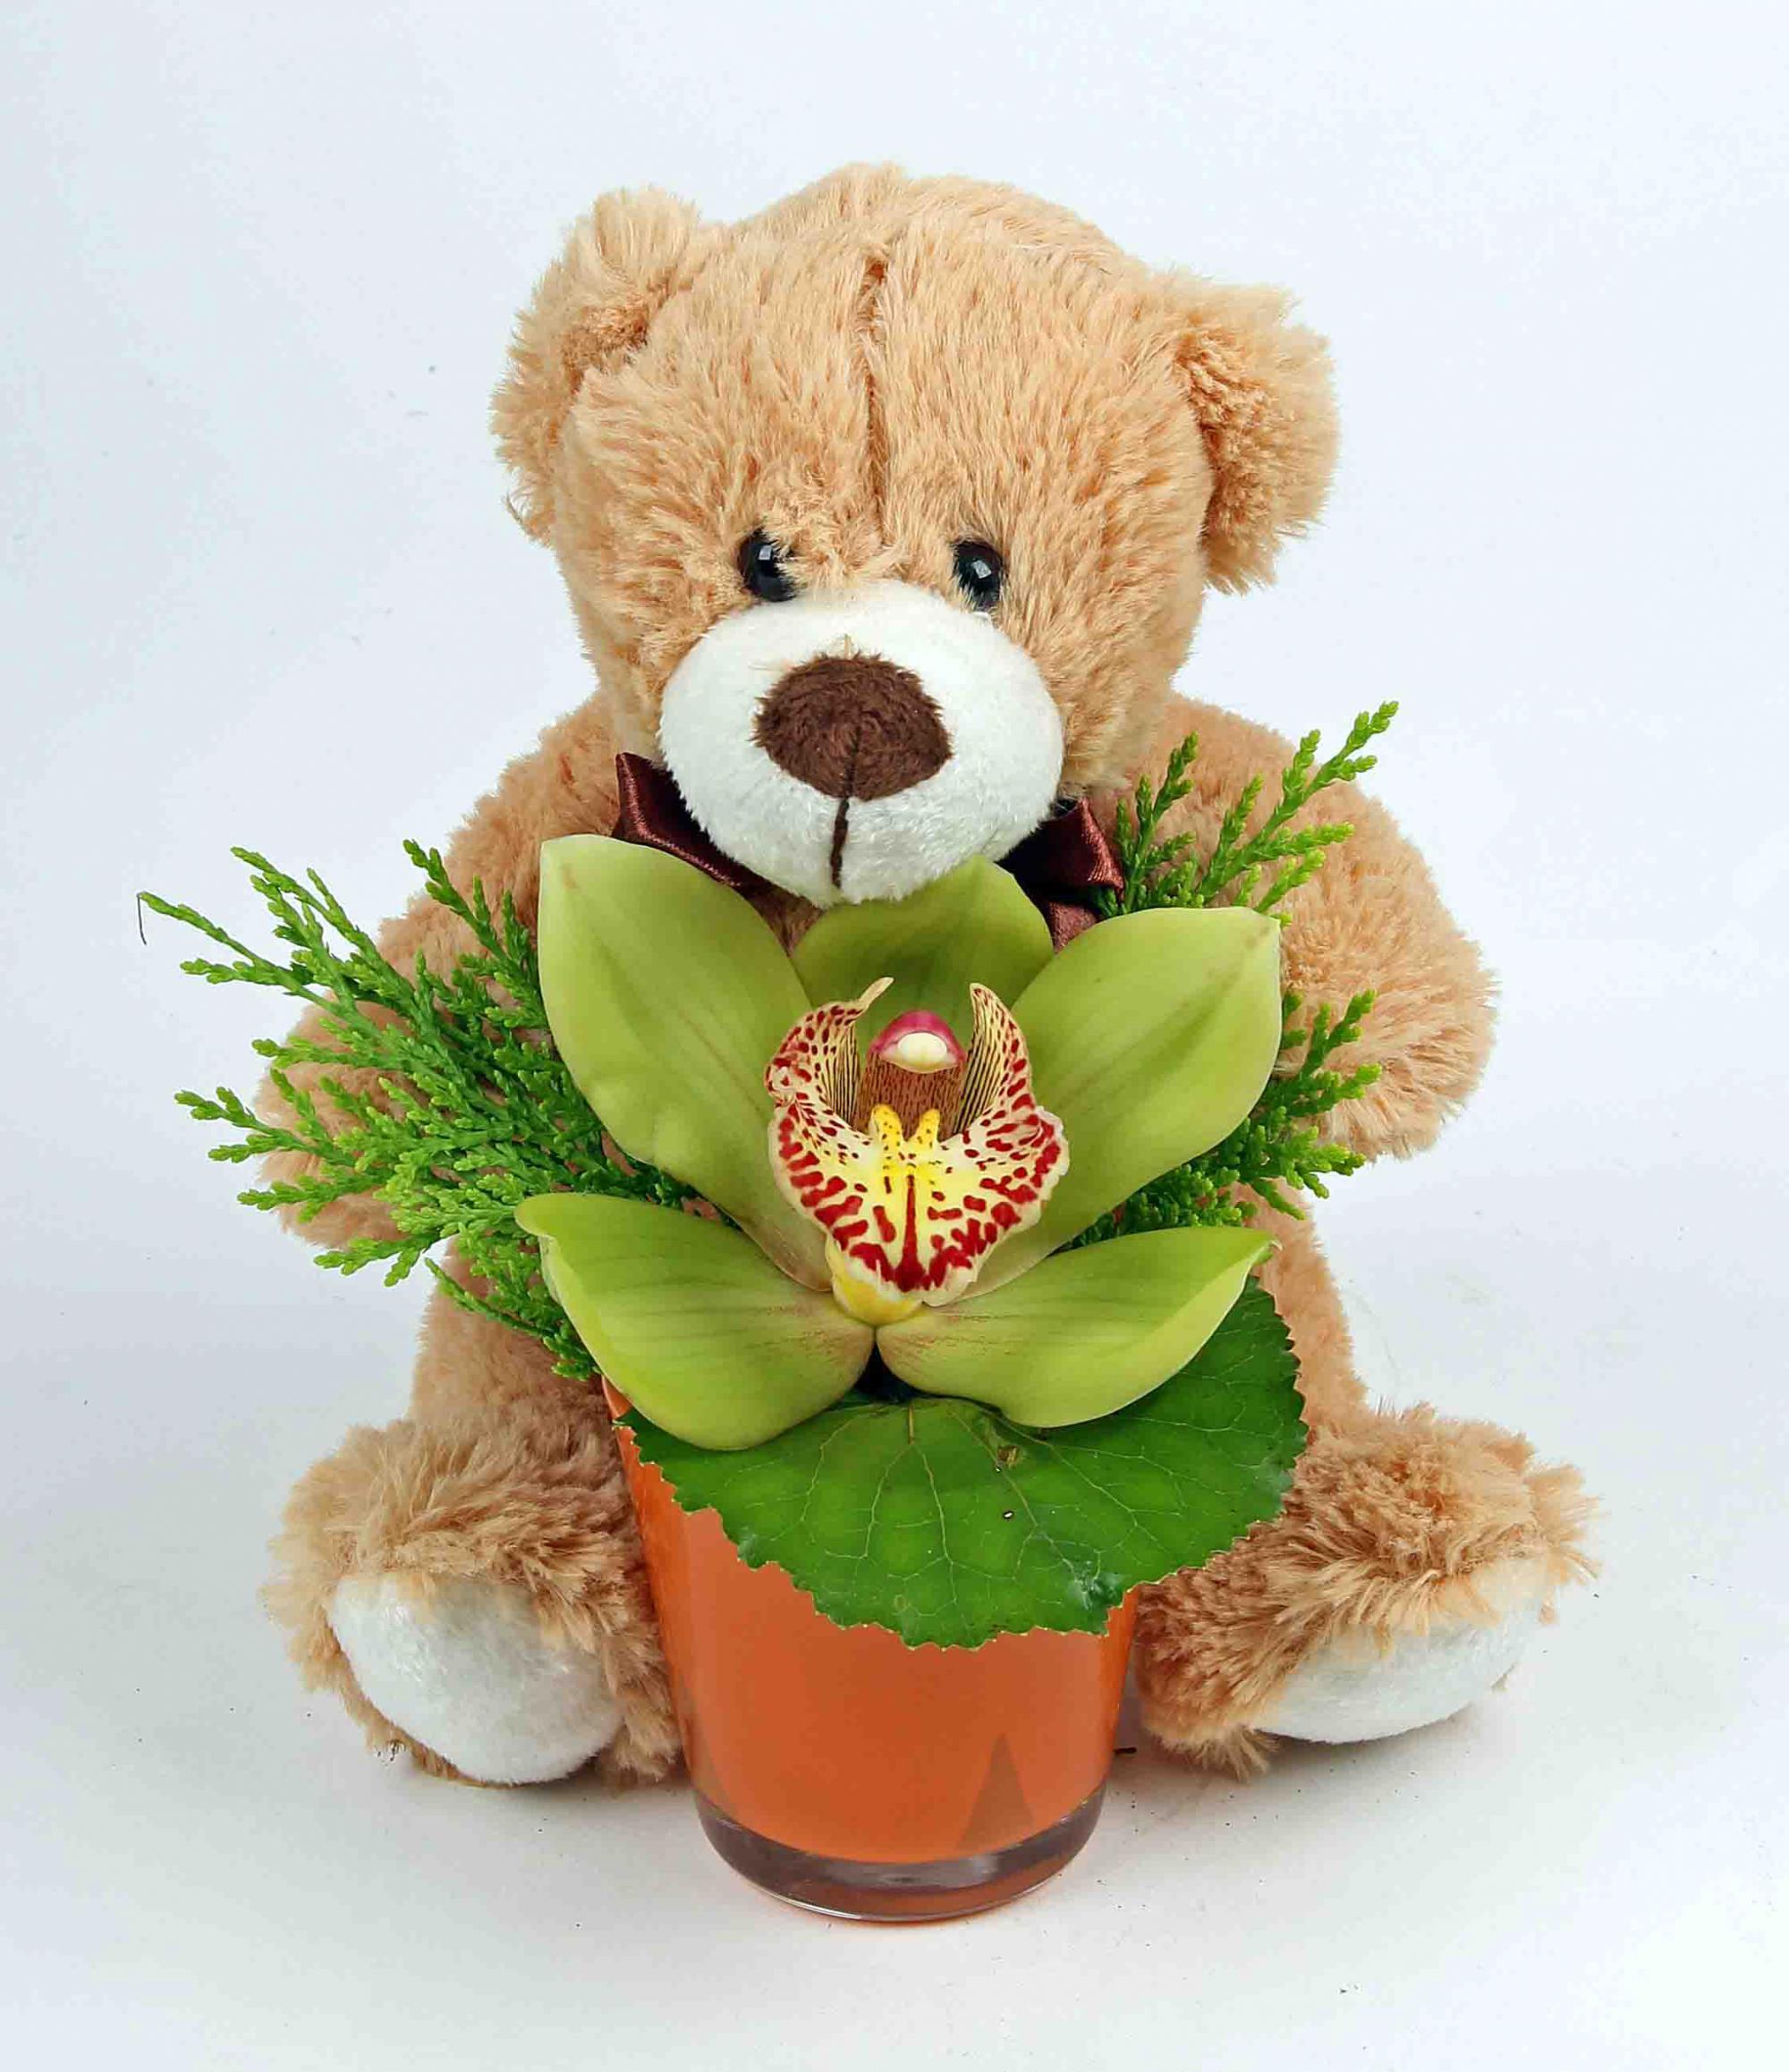 Glaasje met beer en 1 orchidee